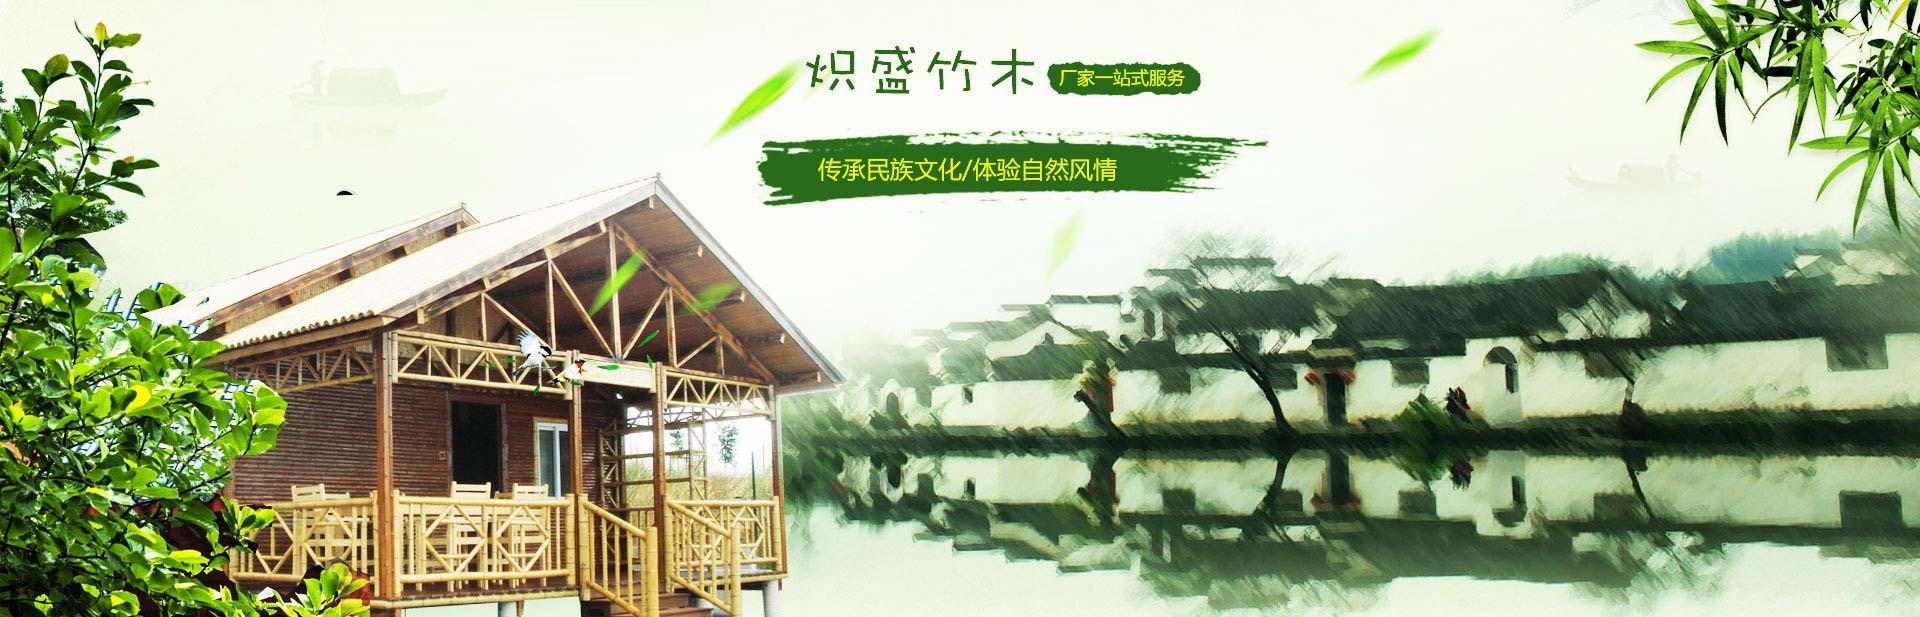 四川竹木建筑公司